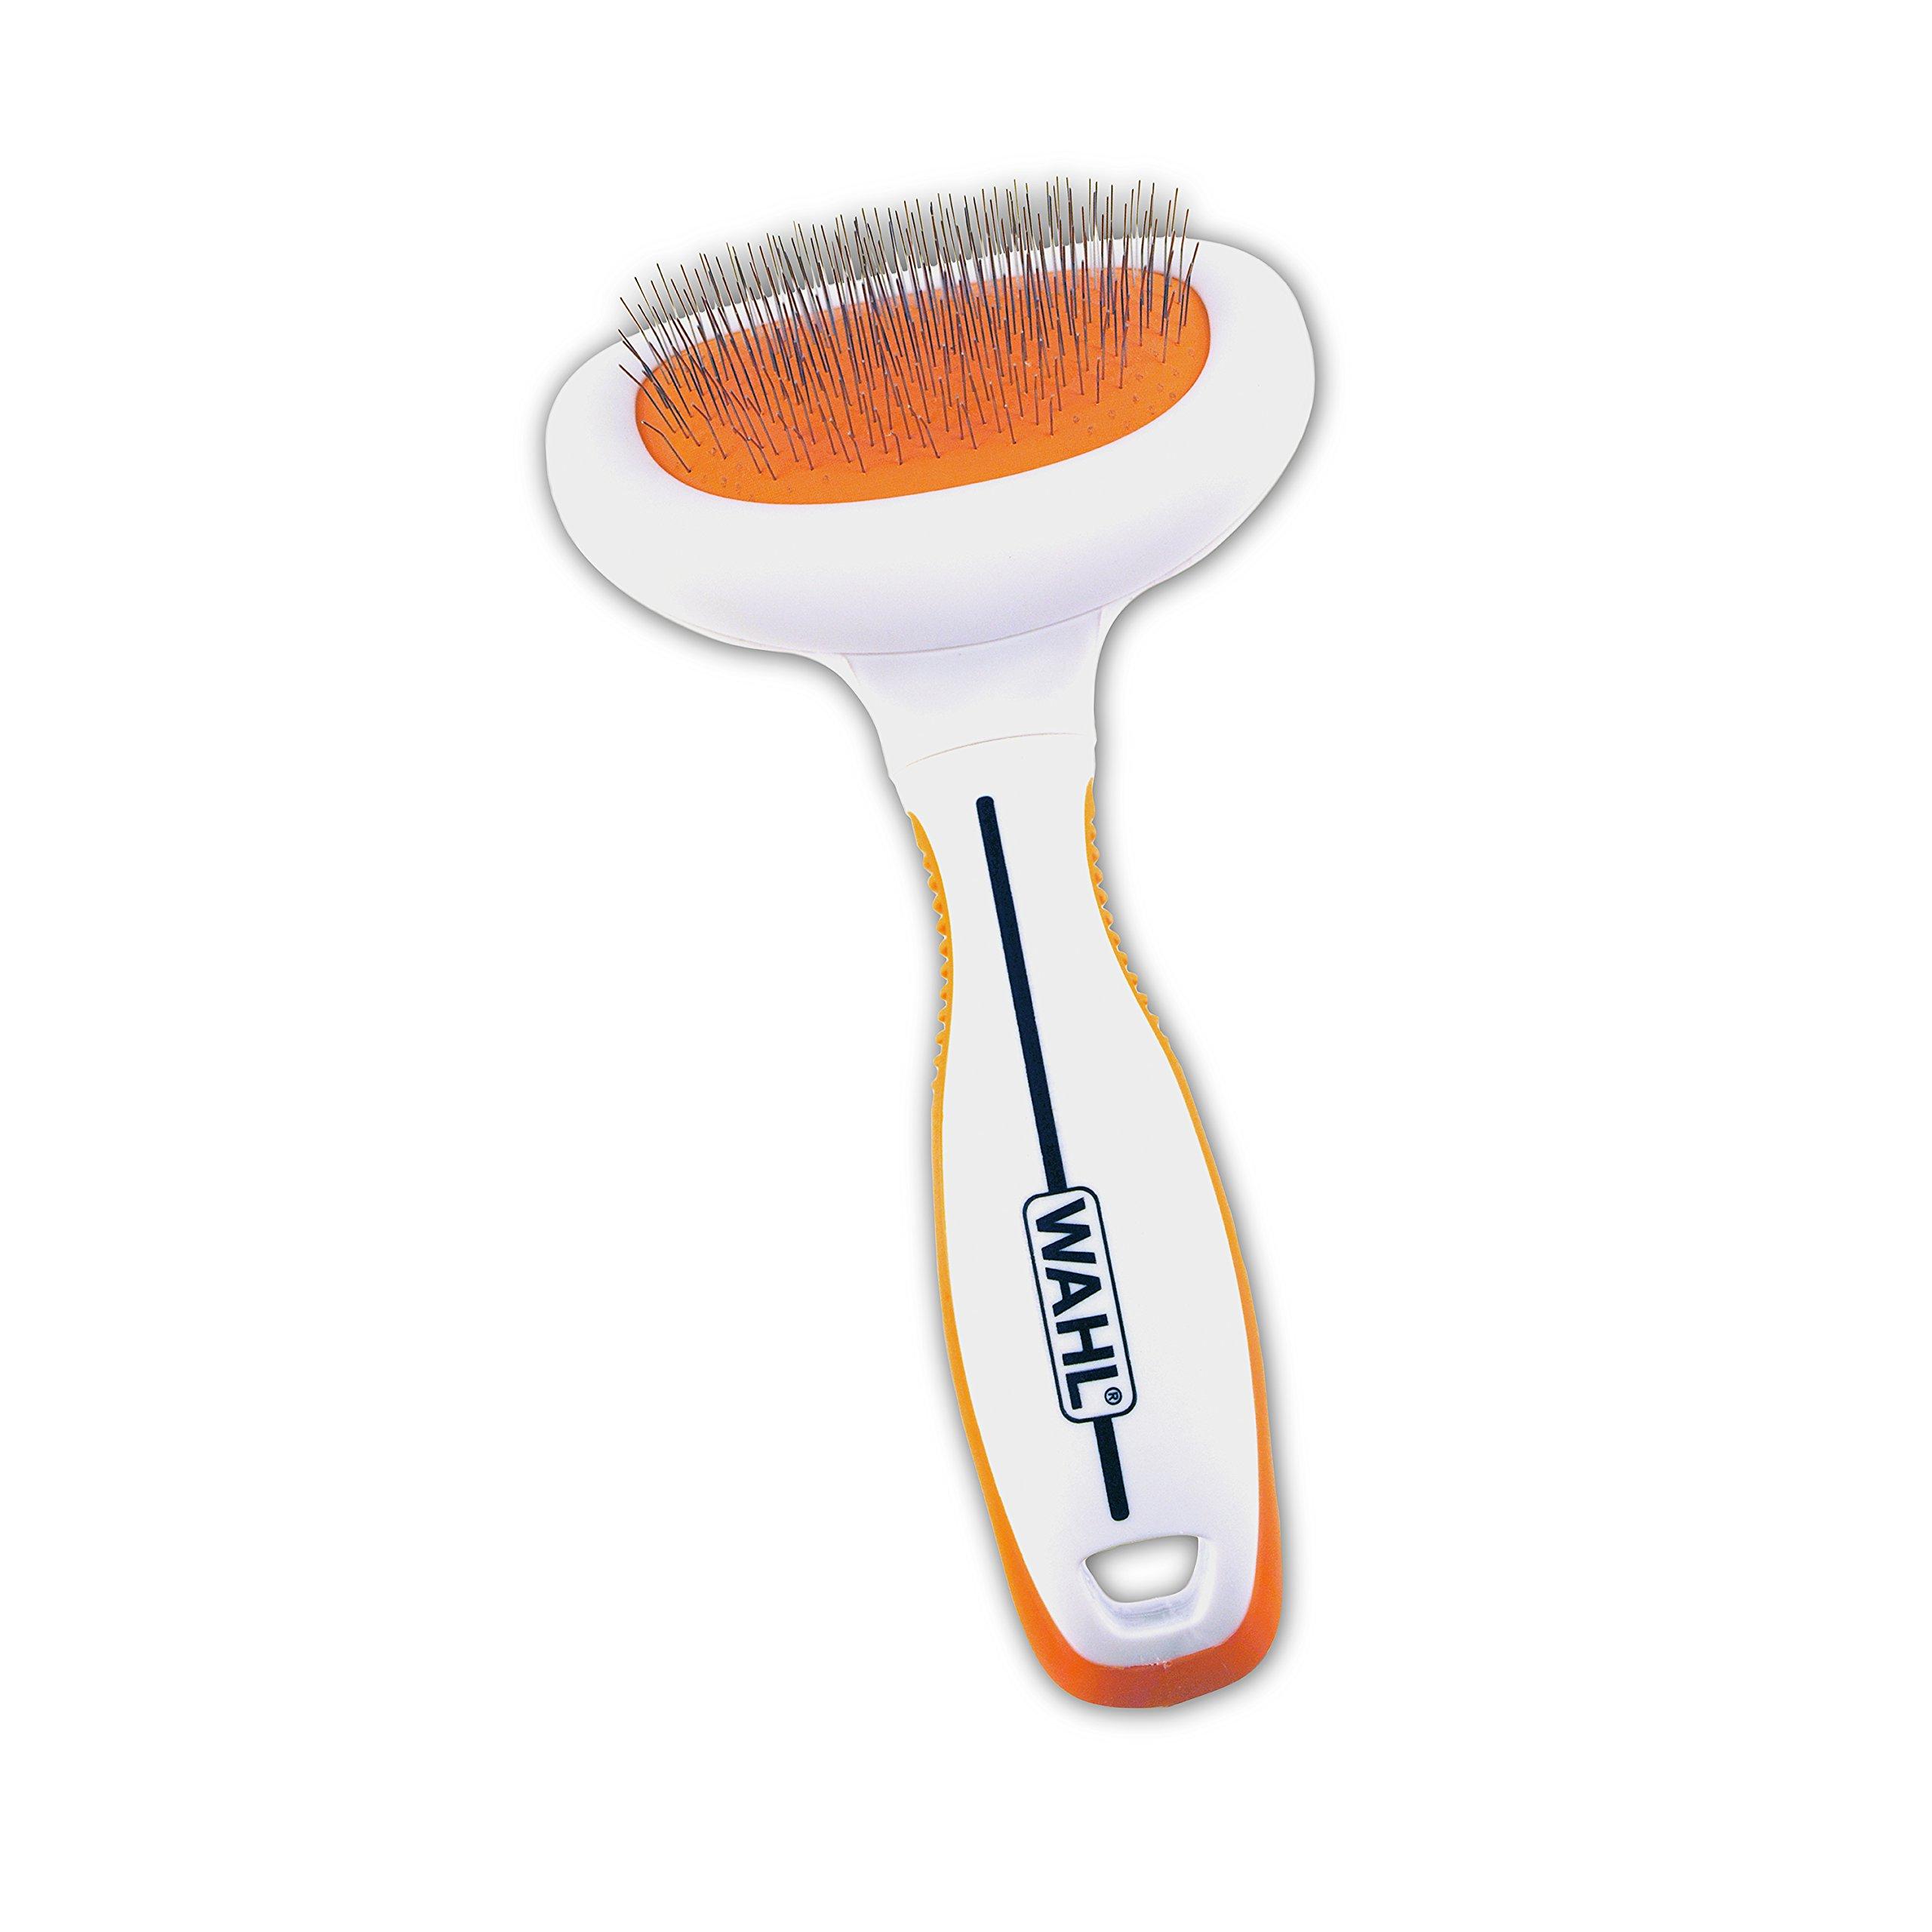 Wahl Small Slicker Brush #858406